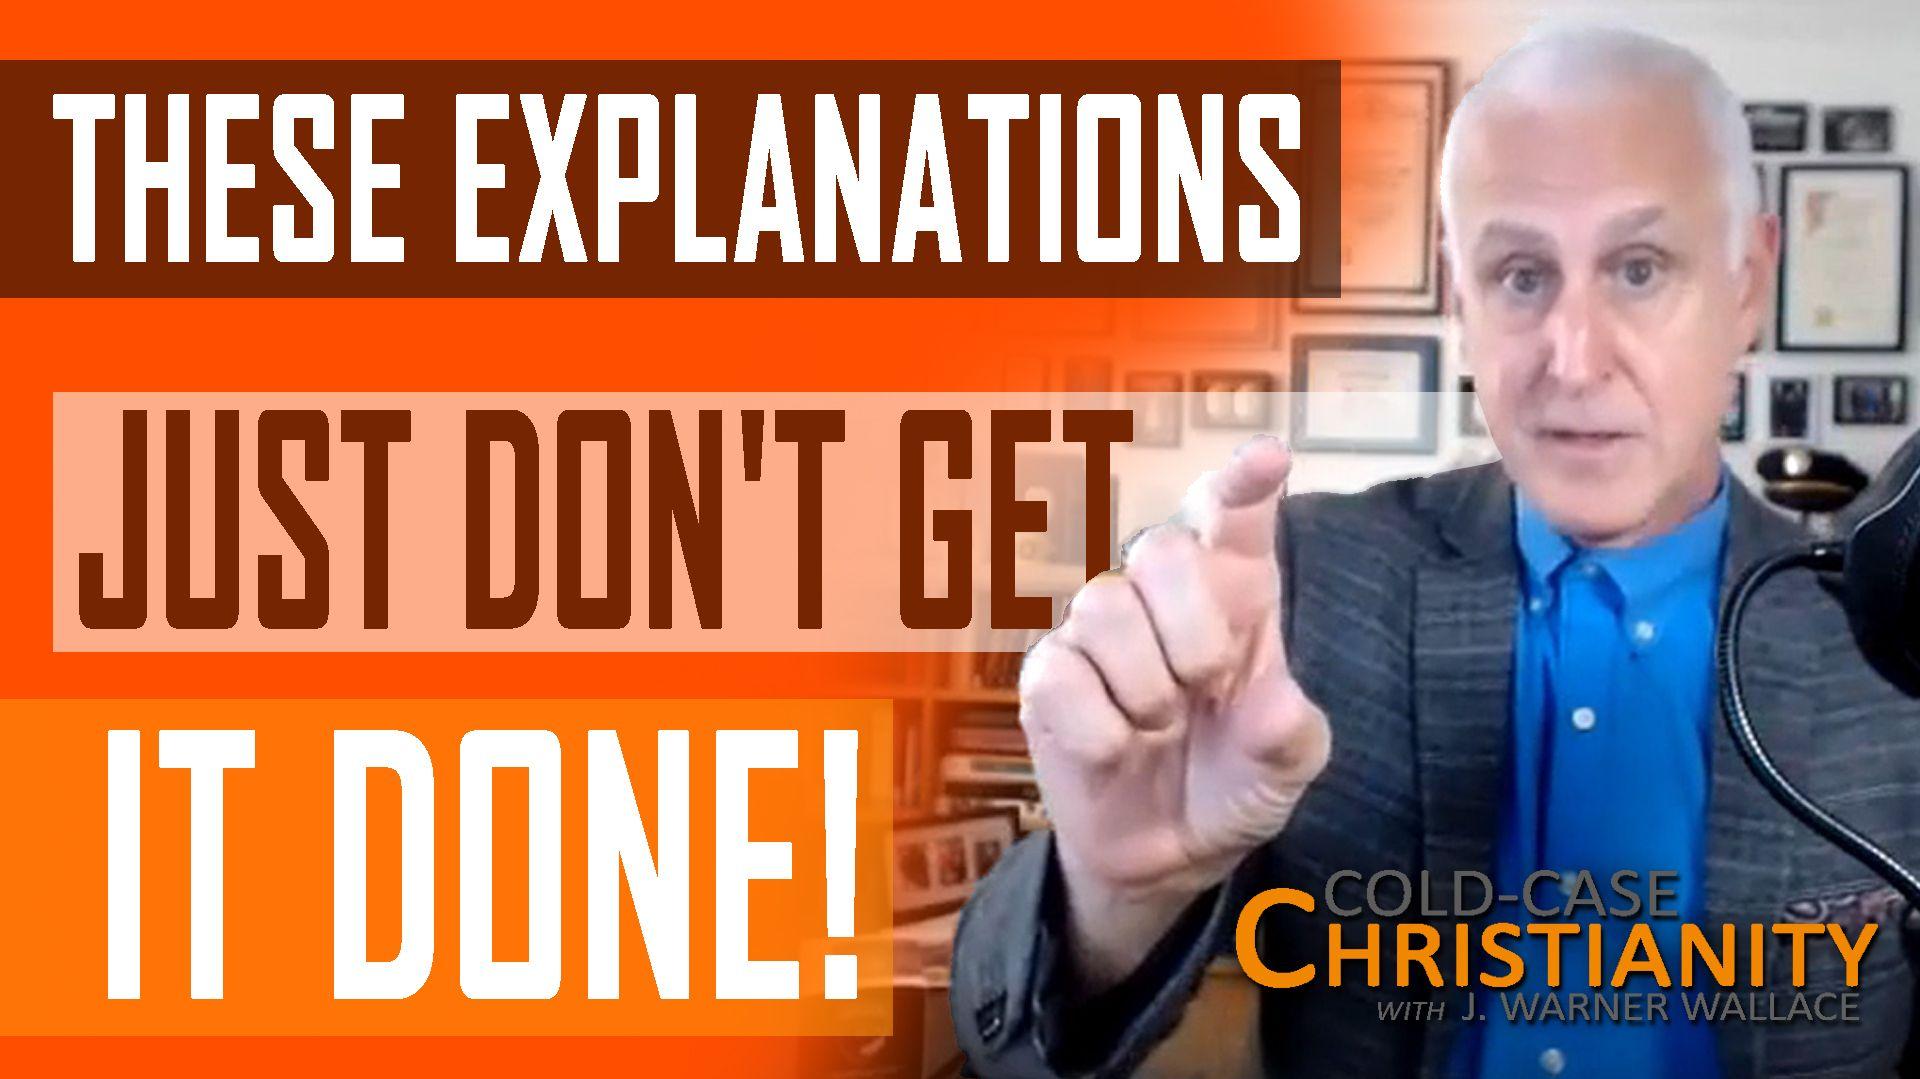 Christian aus einem atheisten